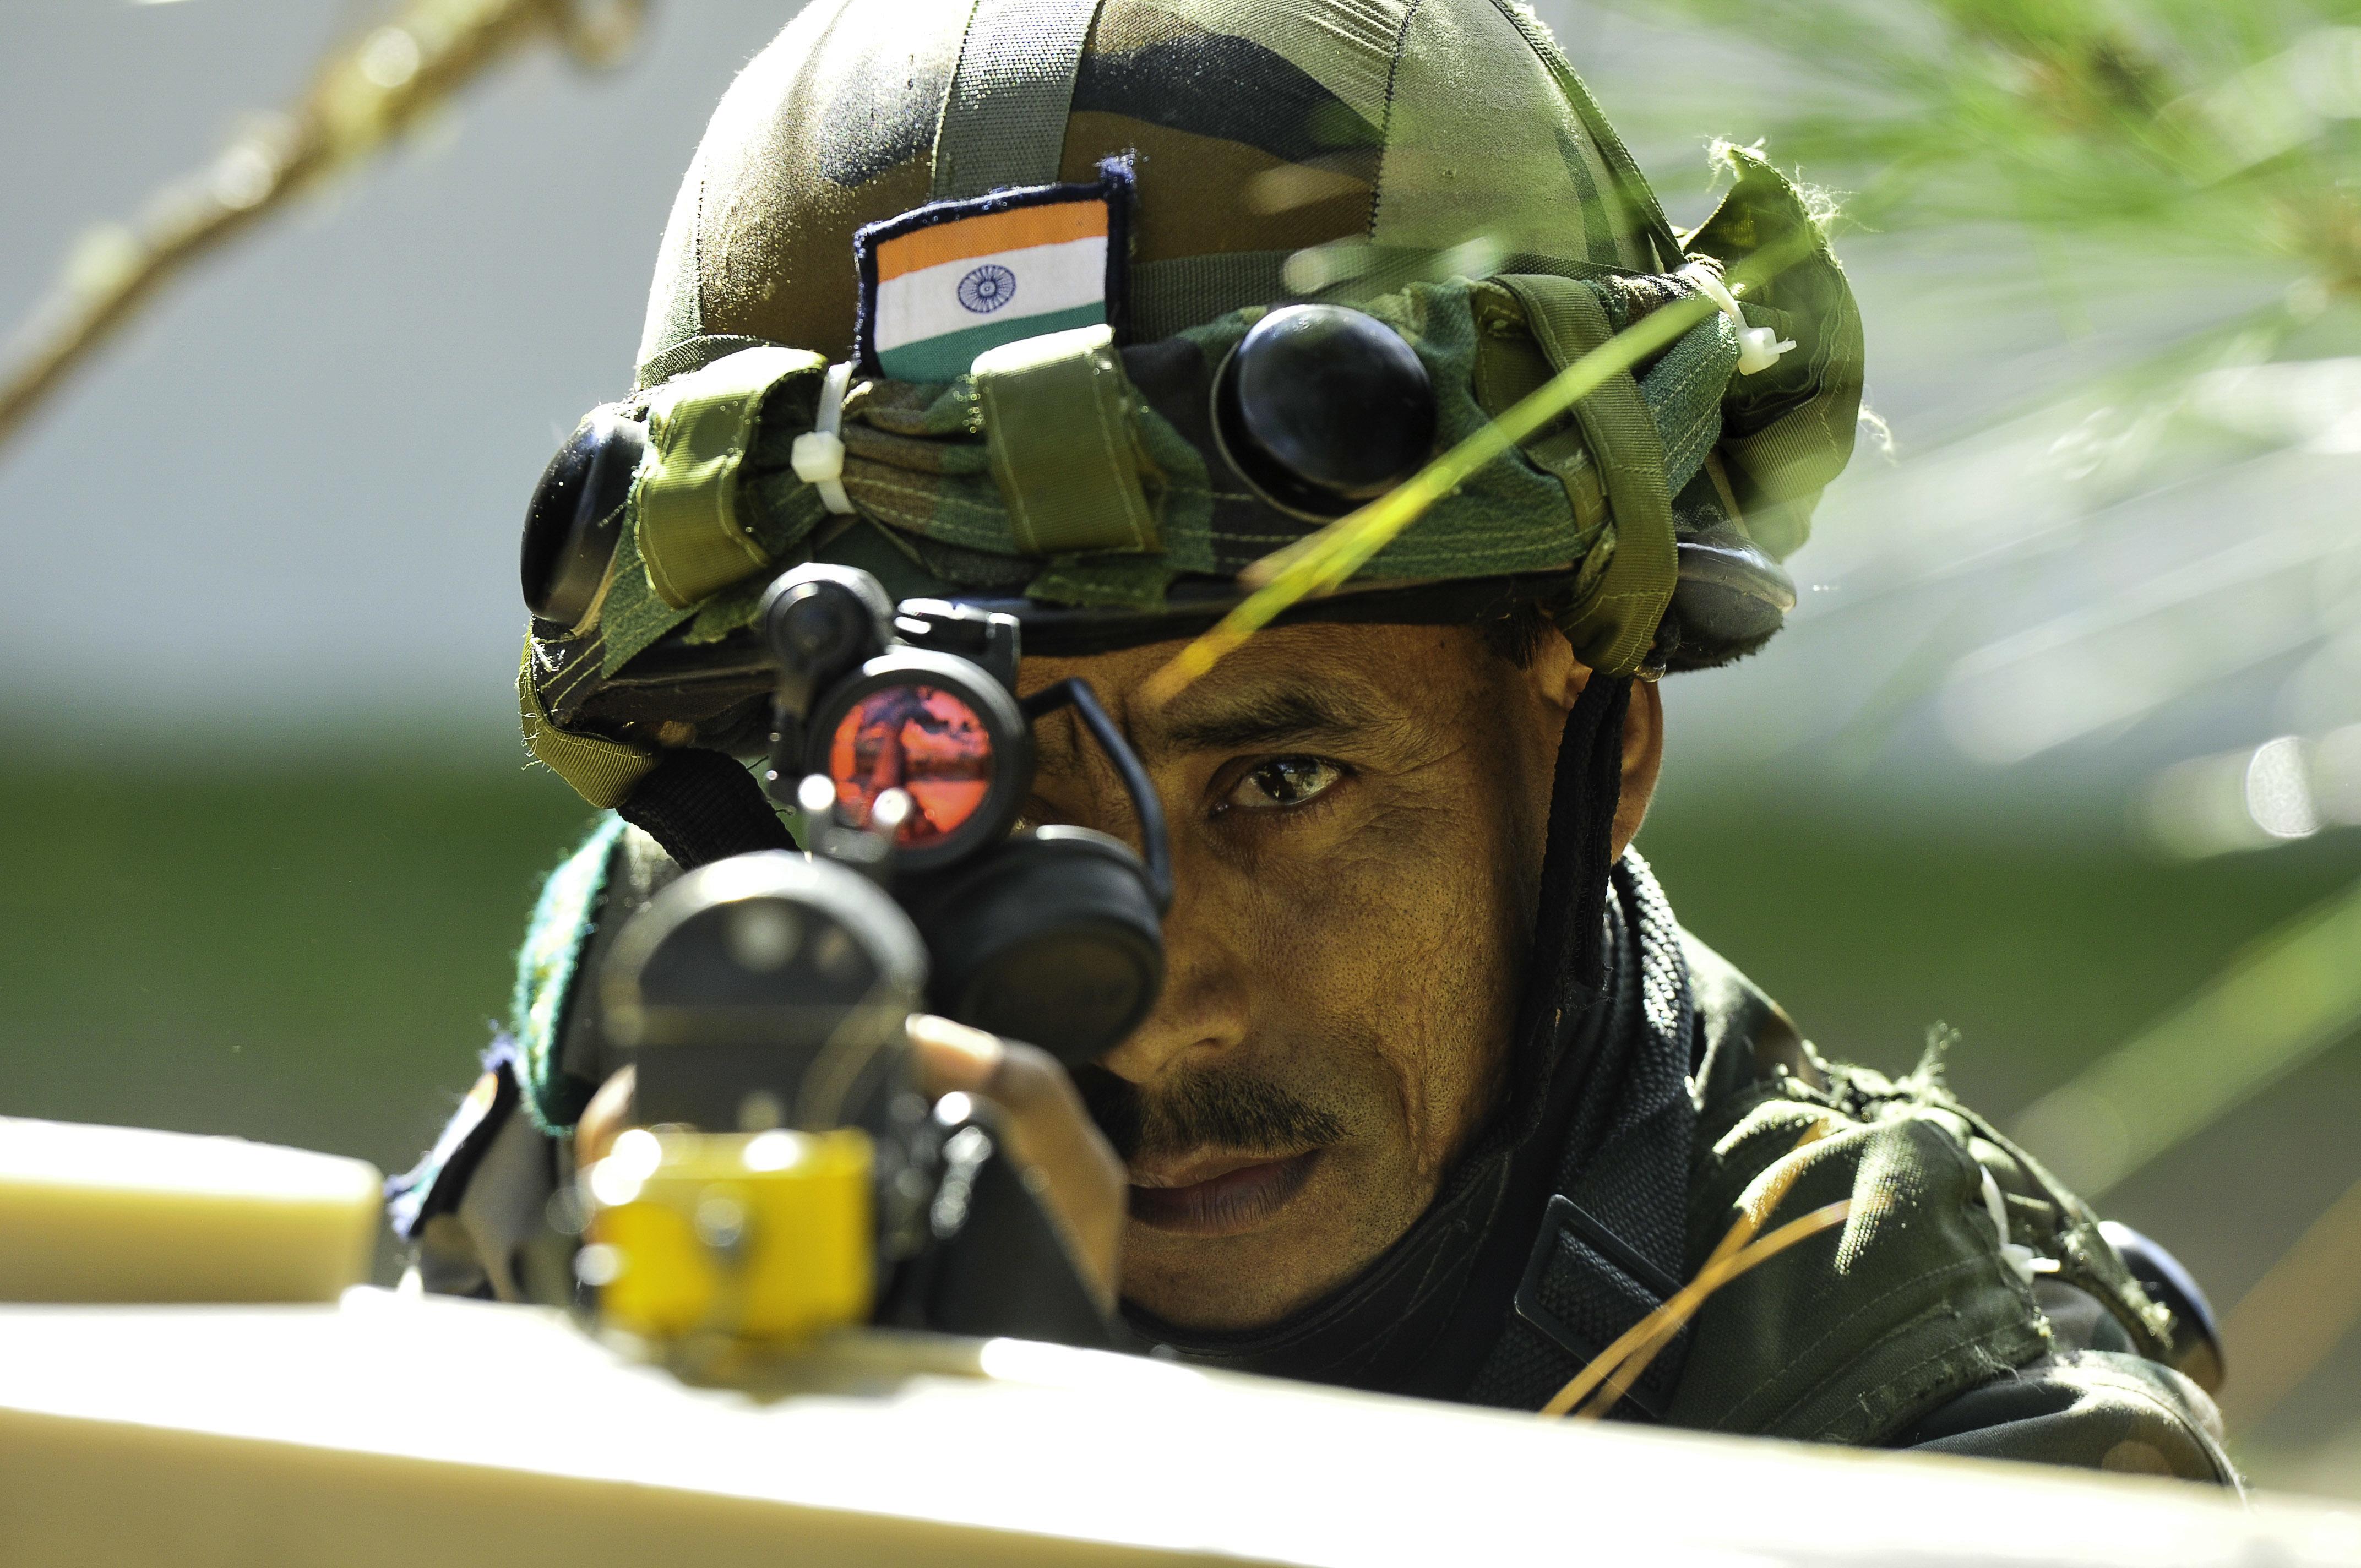 Yudh-Abhyas-2015-Indian-Army-01